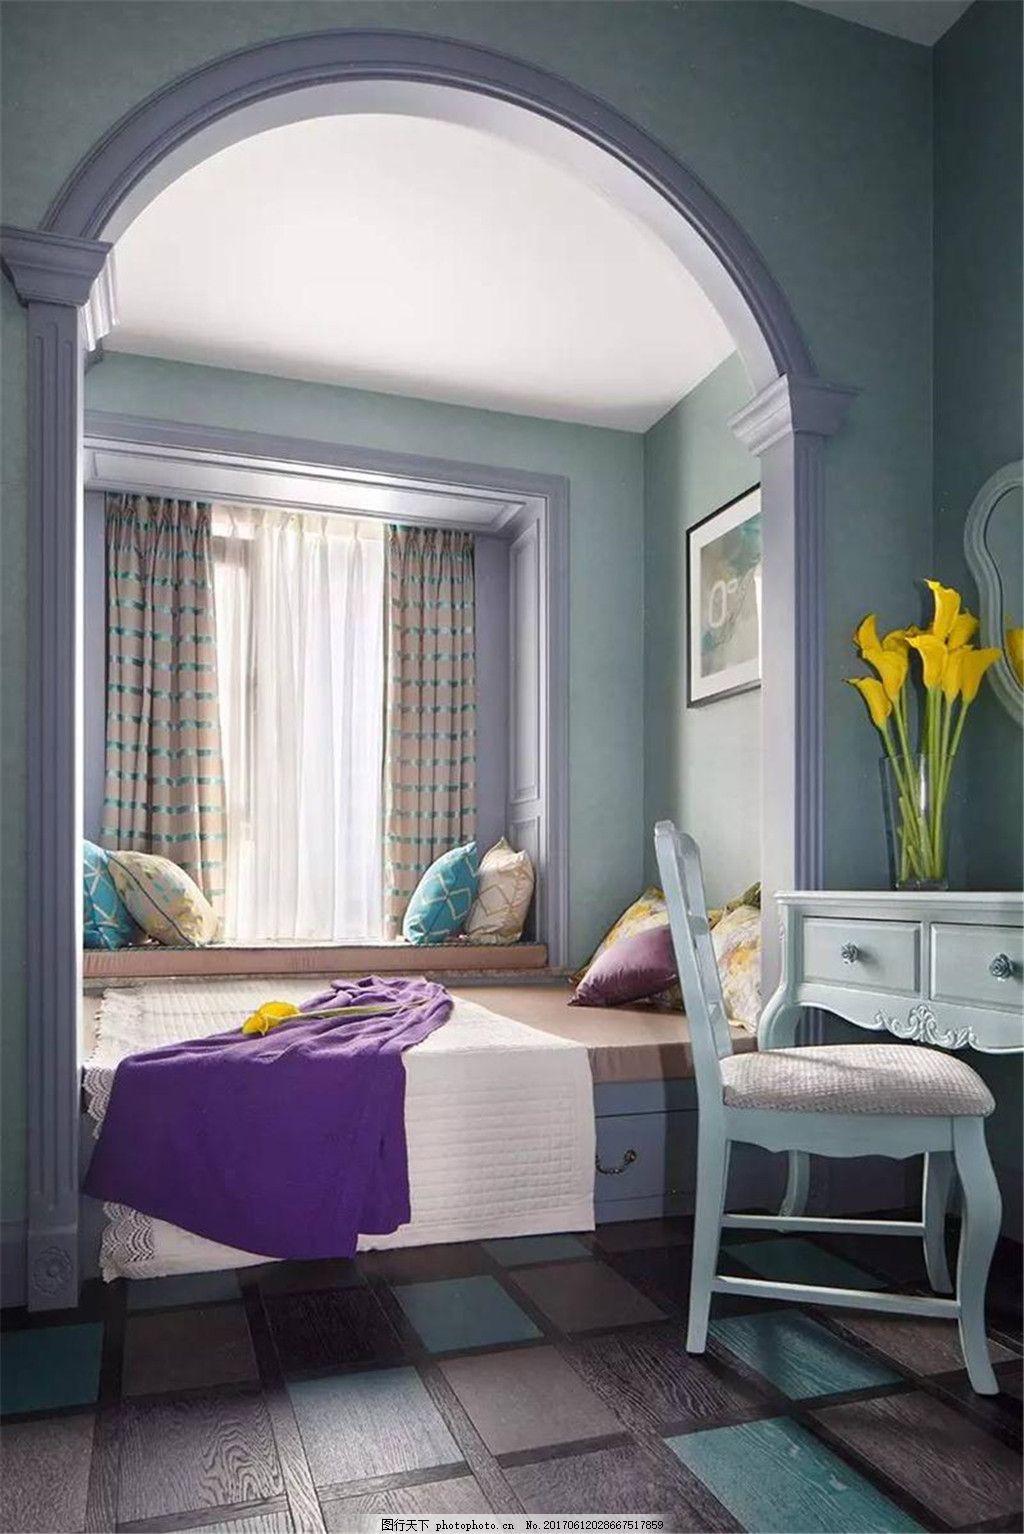 现代欧式卧室装修效果图 室内设计 家装效果图 现代装修效果图 时尚